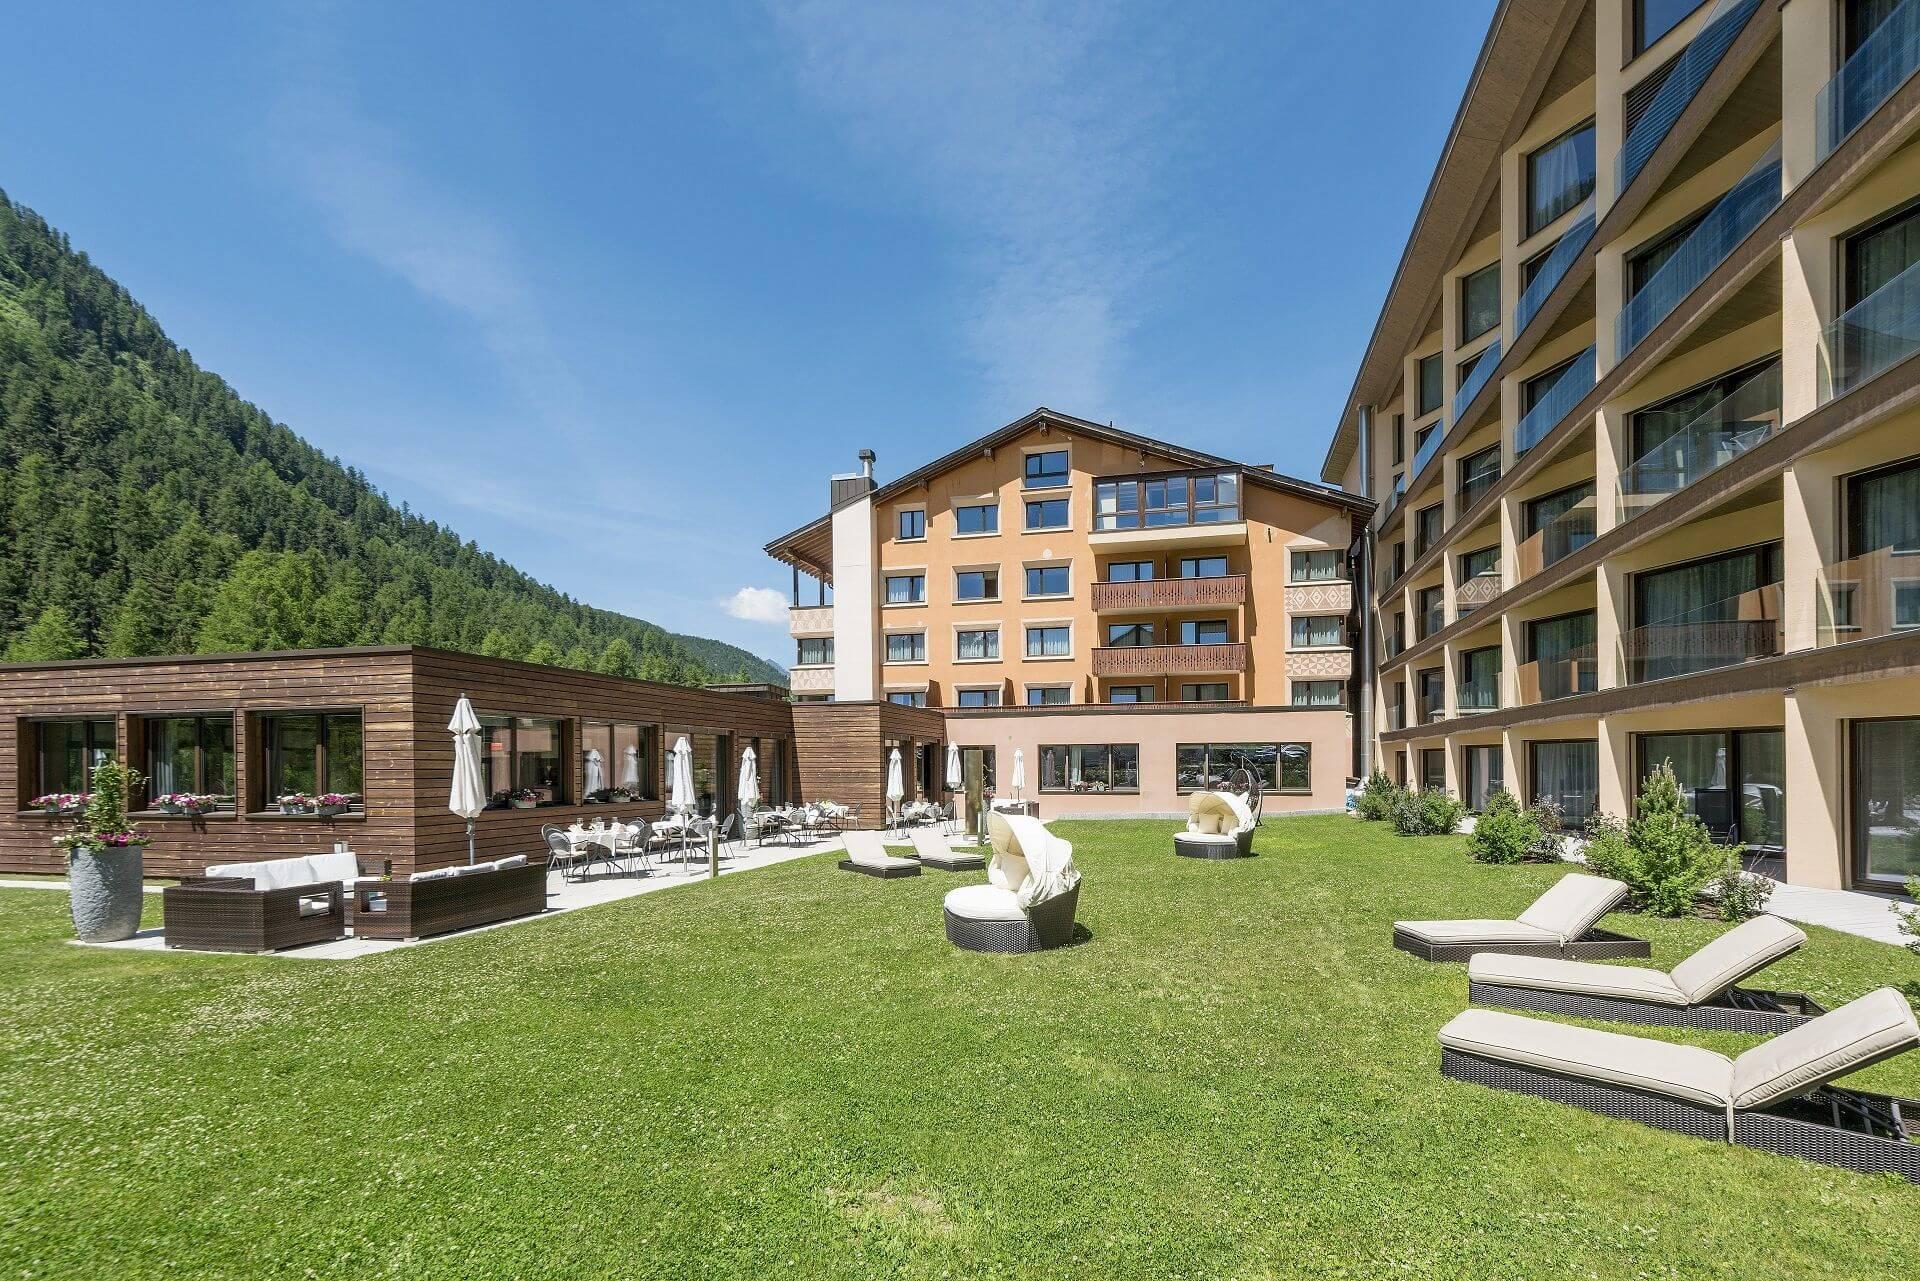 3-tage-im-hotel-palu-in-pontresina-1